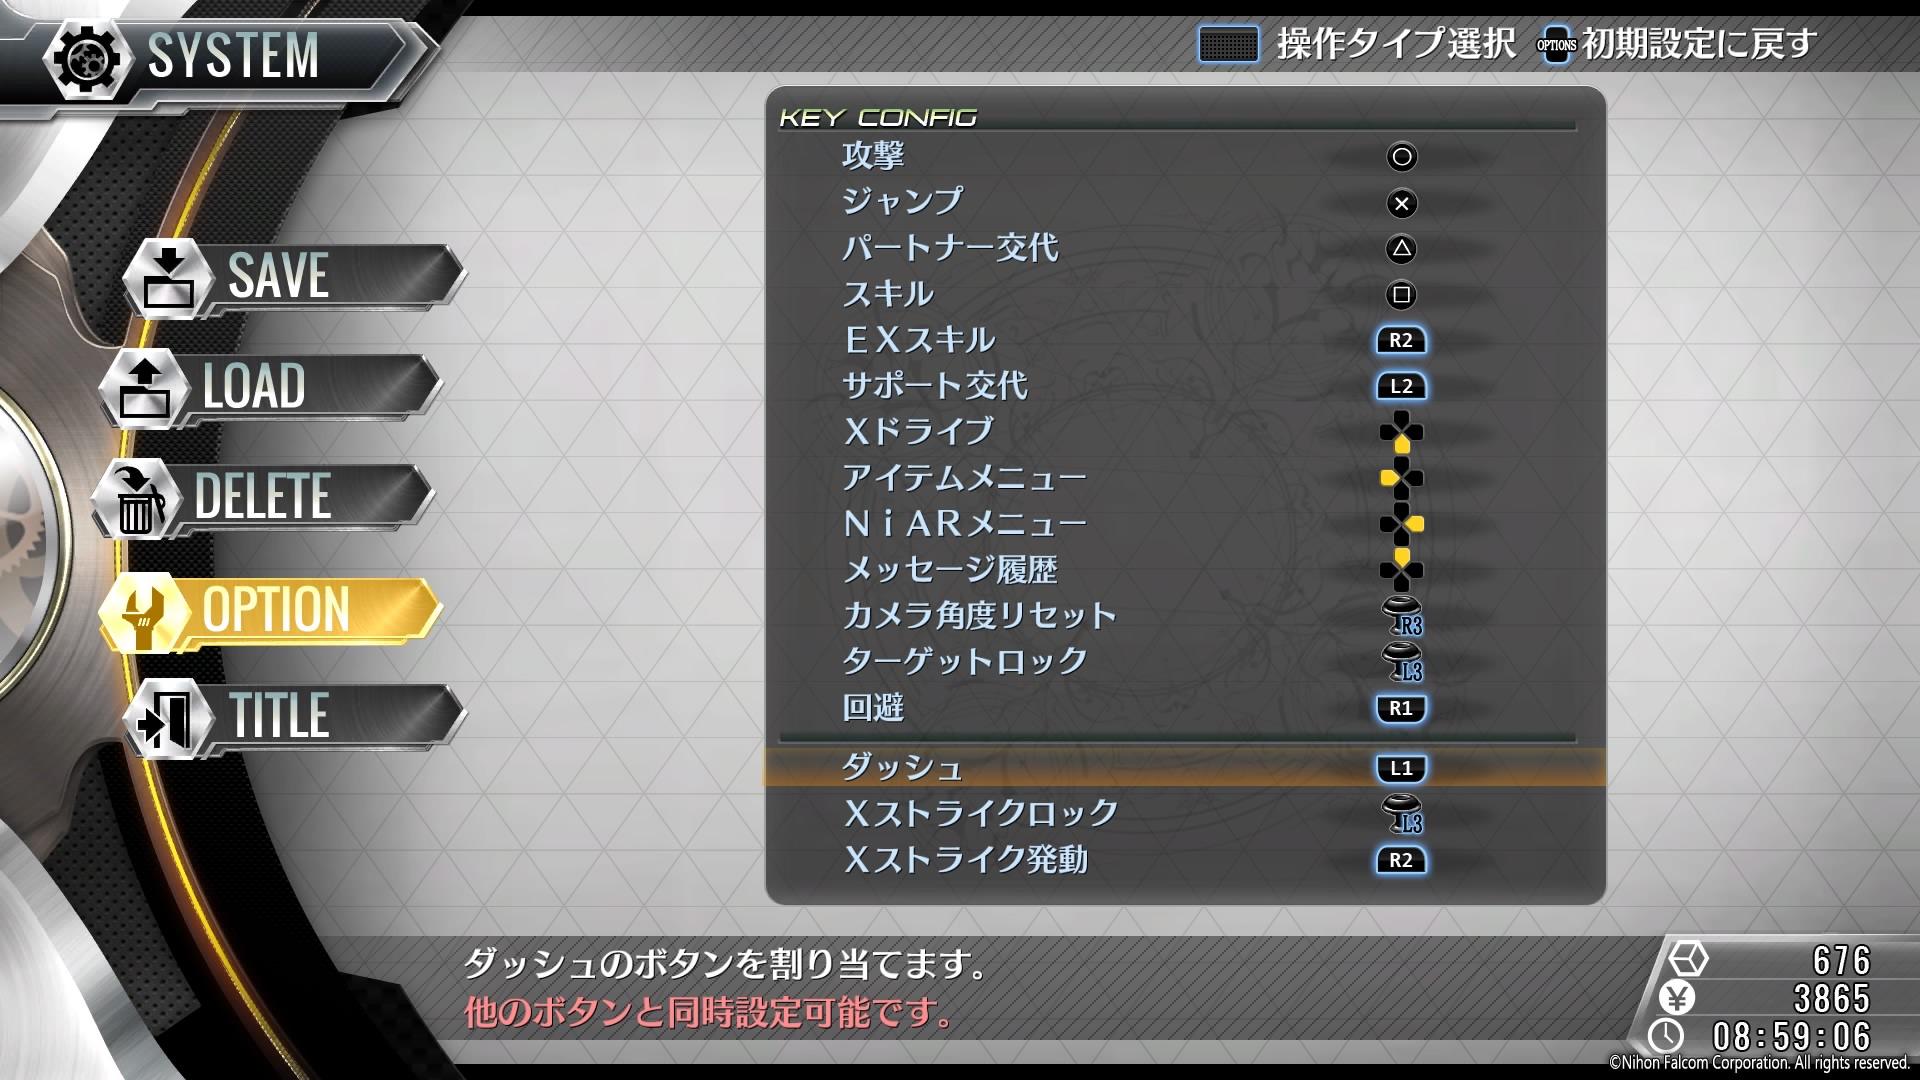 回避をR1ボタンのまま、ダッシュをL1ボタンに割り当て。元々L1ボタンにあったターゲットロックとXストライクロックは、L3ボタン(Lスティック押し込み)に割り当てた。さらに、Xストライクの暴発を防ぐためXストライク発動ボタンをR1からR2に変更している